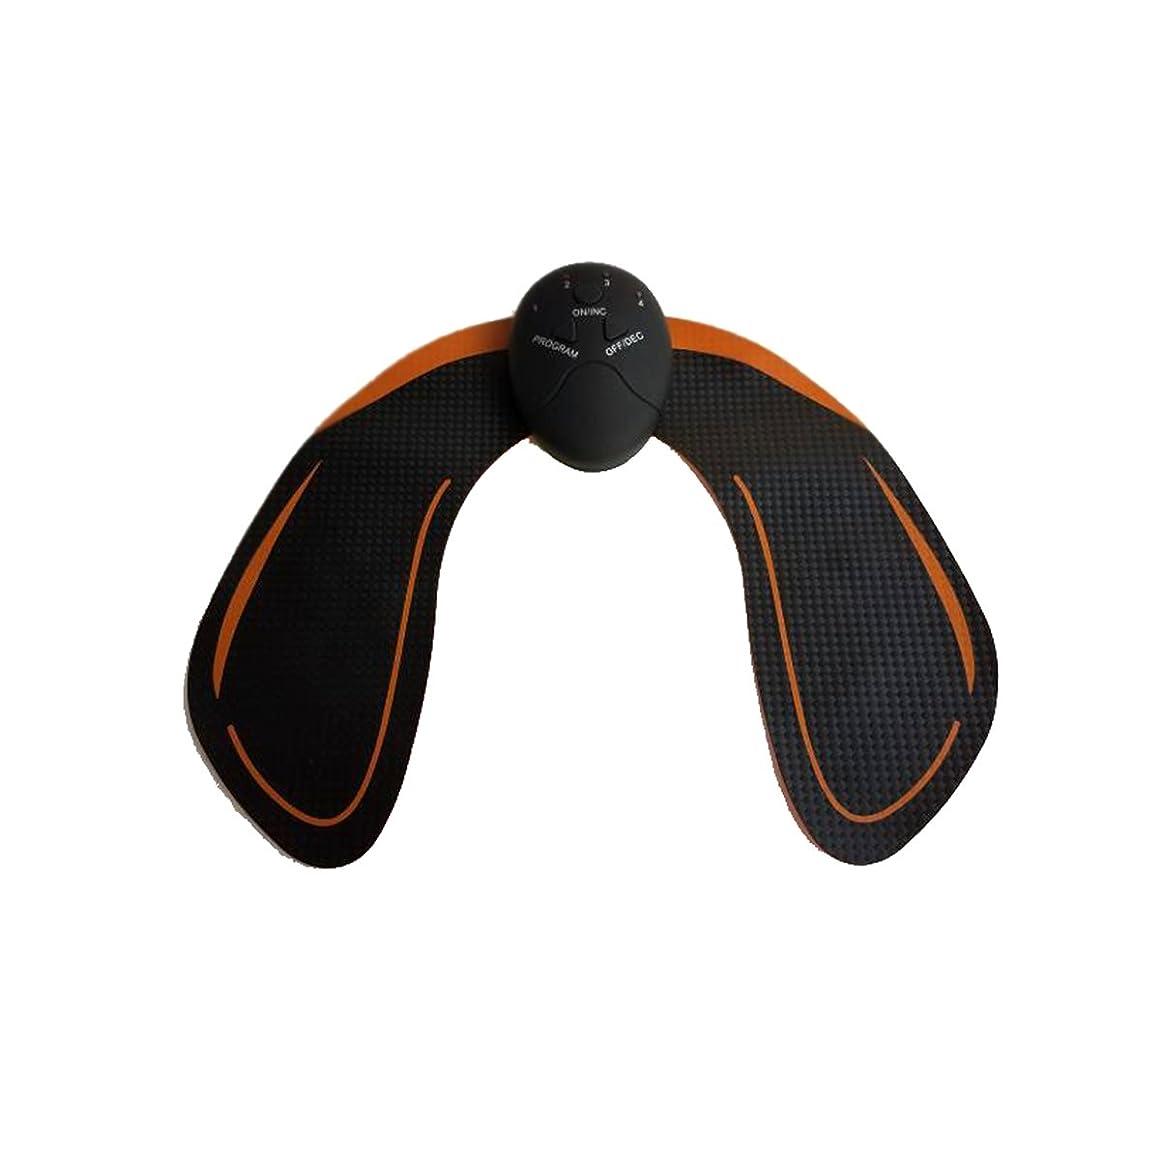 皮肉な封建精緻化Healifty EMS トレーニングパッド ヒップアップ お尻専用 多機能 筋トレ器具 ダイエット 筋肉振動 引き締める 強さ階段調節 電池式 男女兼用(黒)